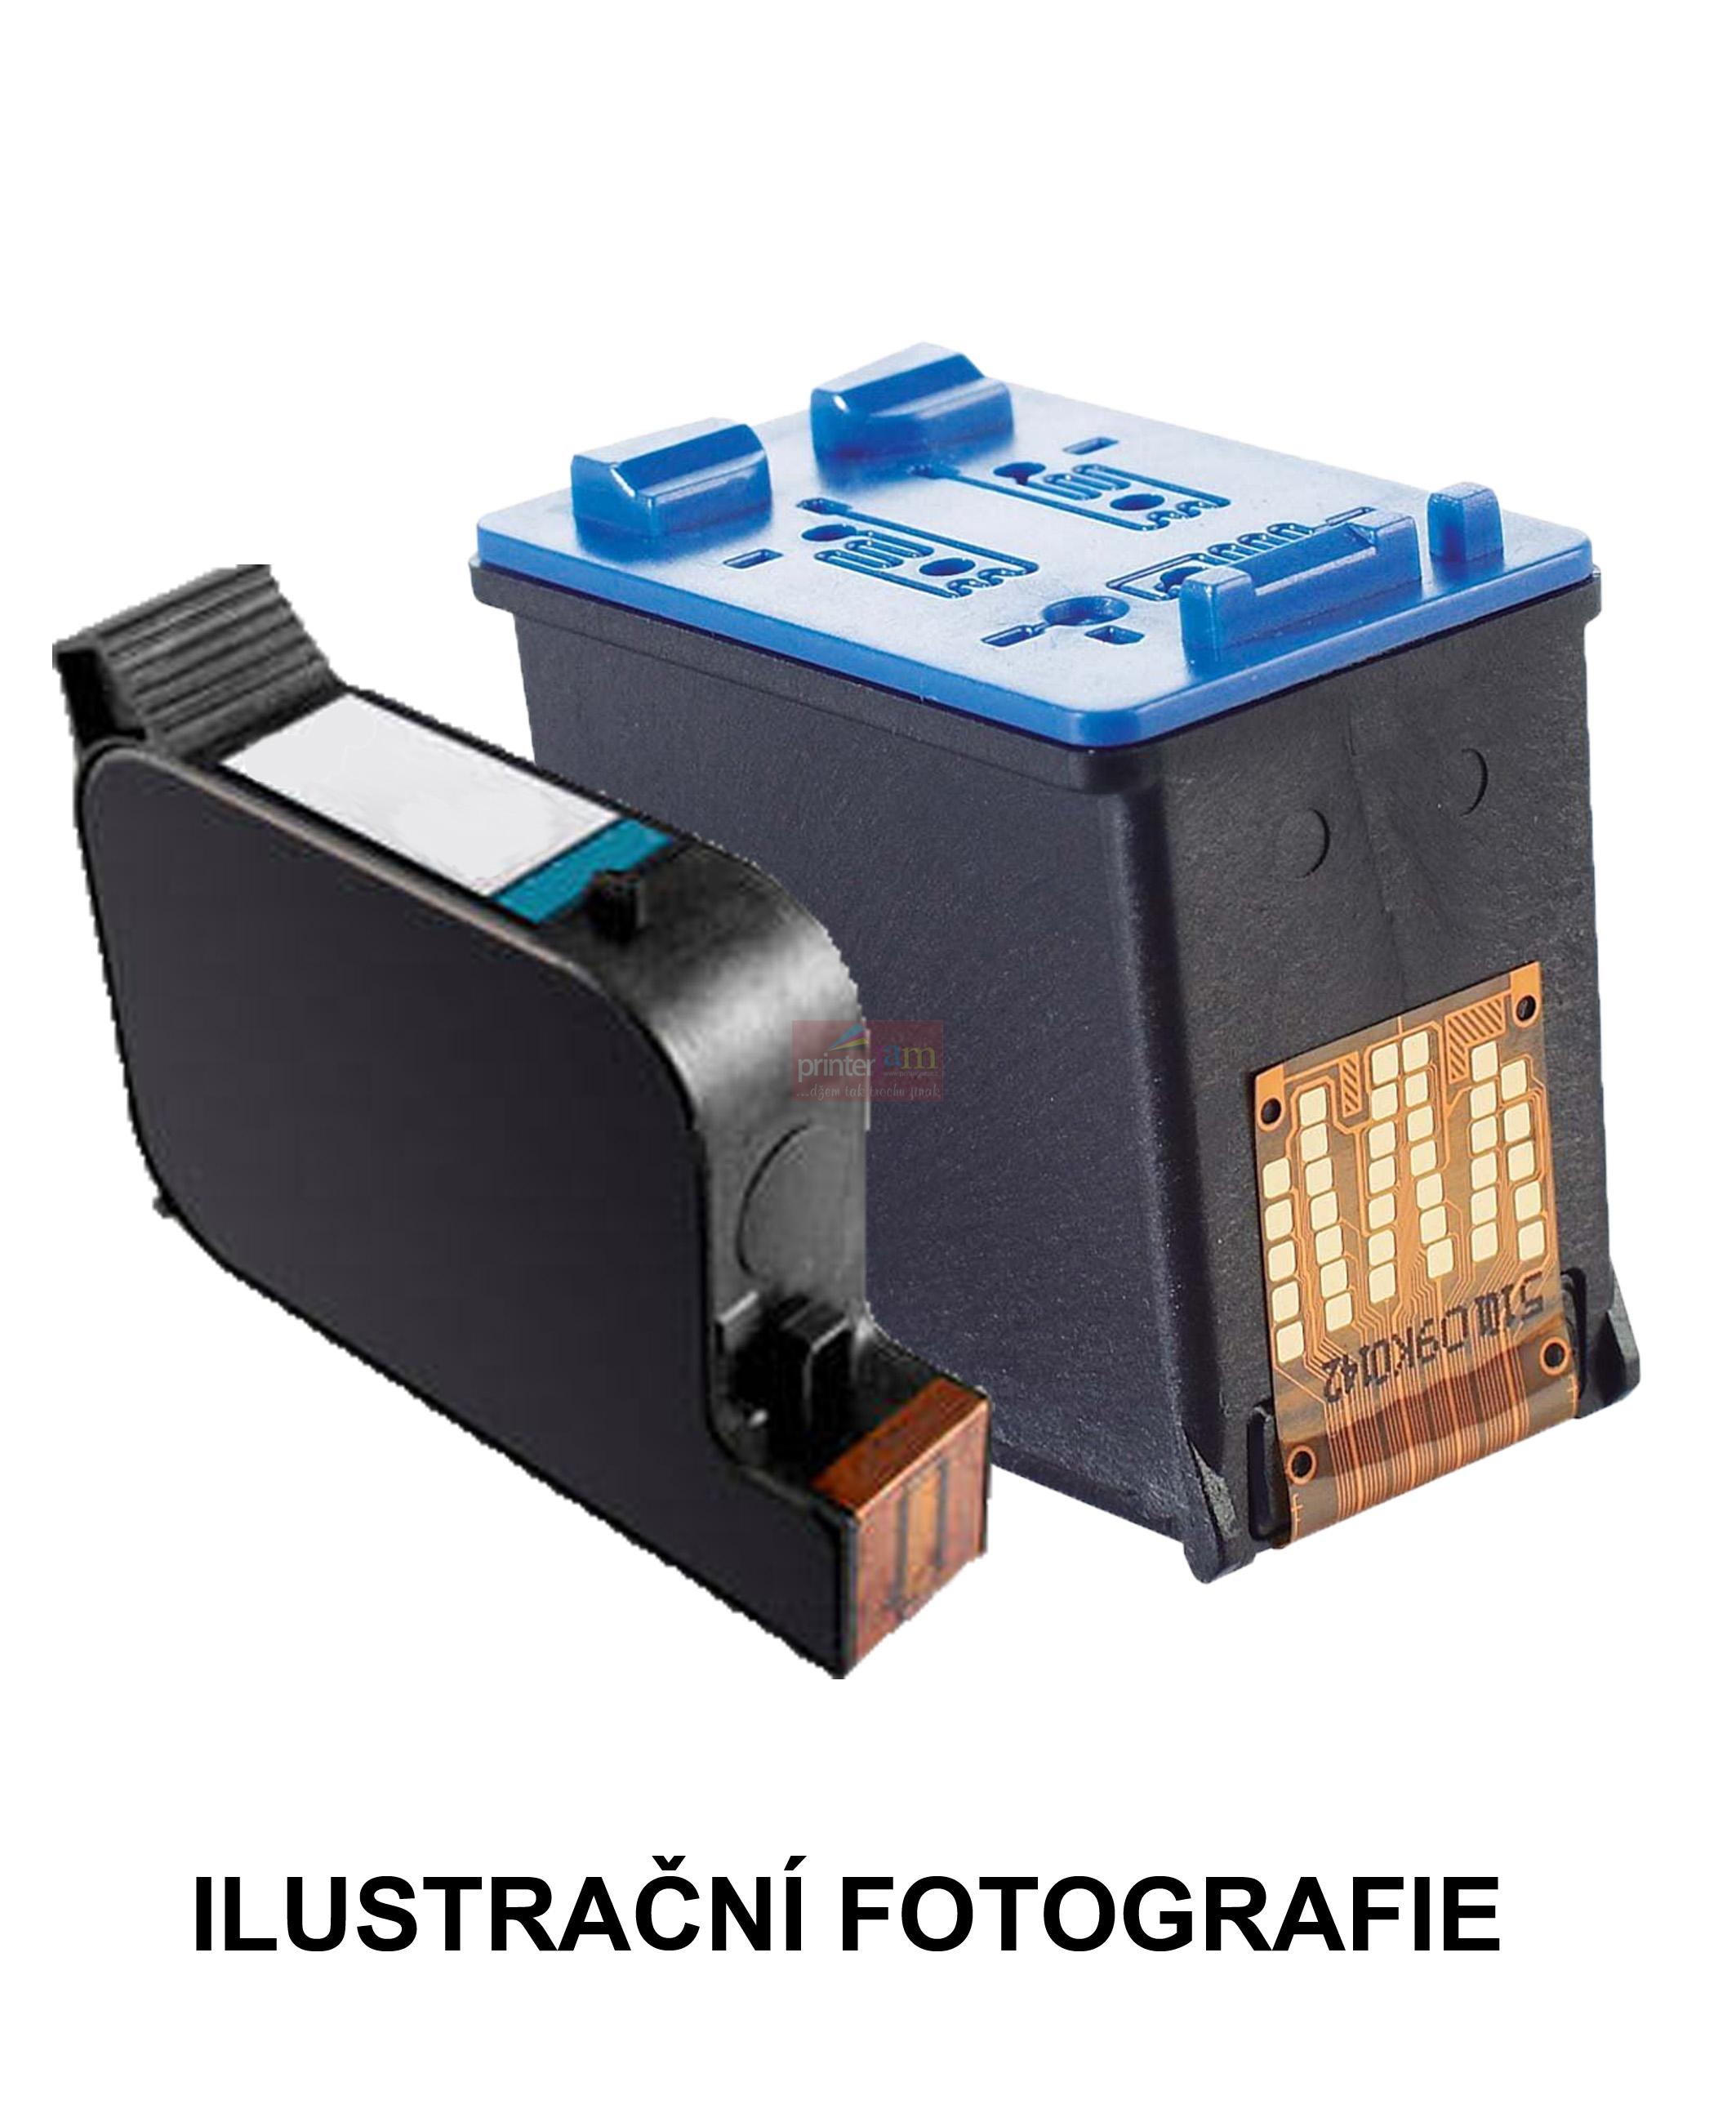 ink-jet pro Canon iP4850 černý, 9 ml, originál